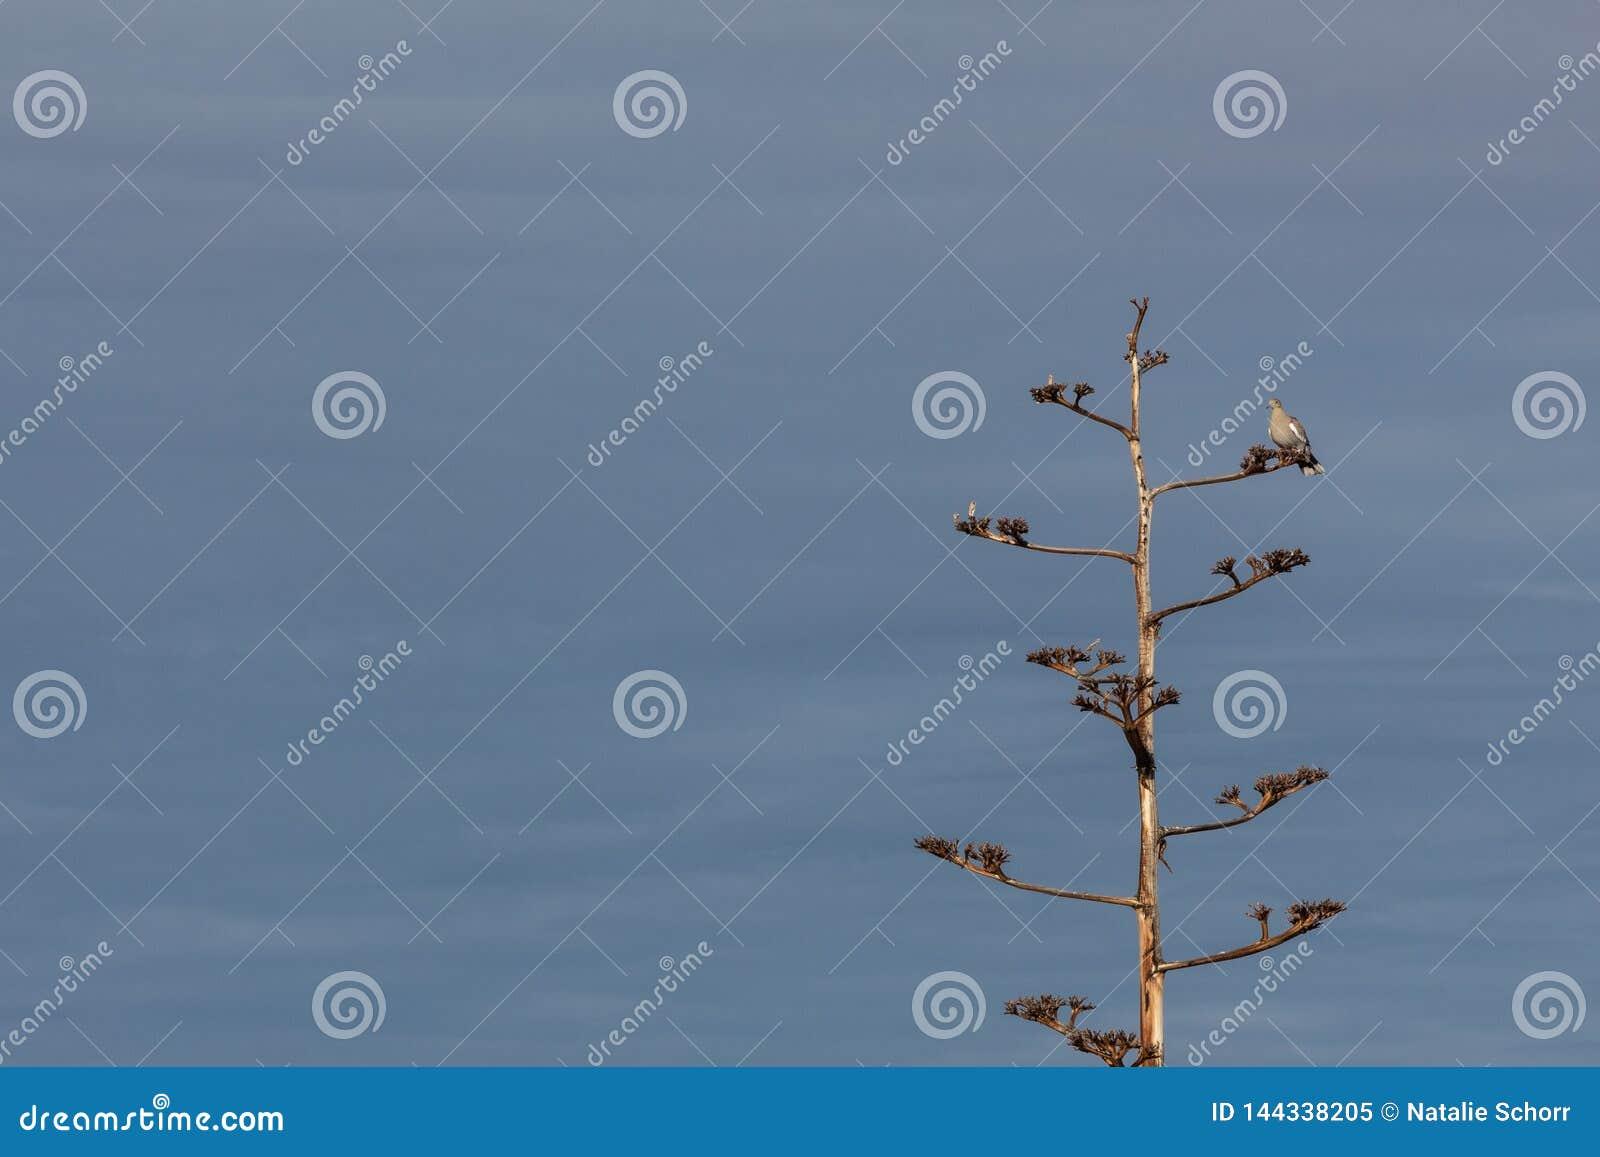 Bosque del Apache New mexico, pomba Branco-voada Zenaida asiatica em uma planta de século da agave contra um céu azul